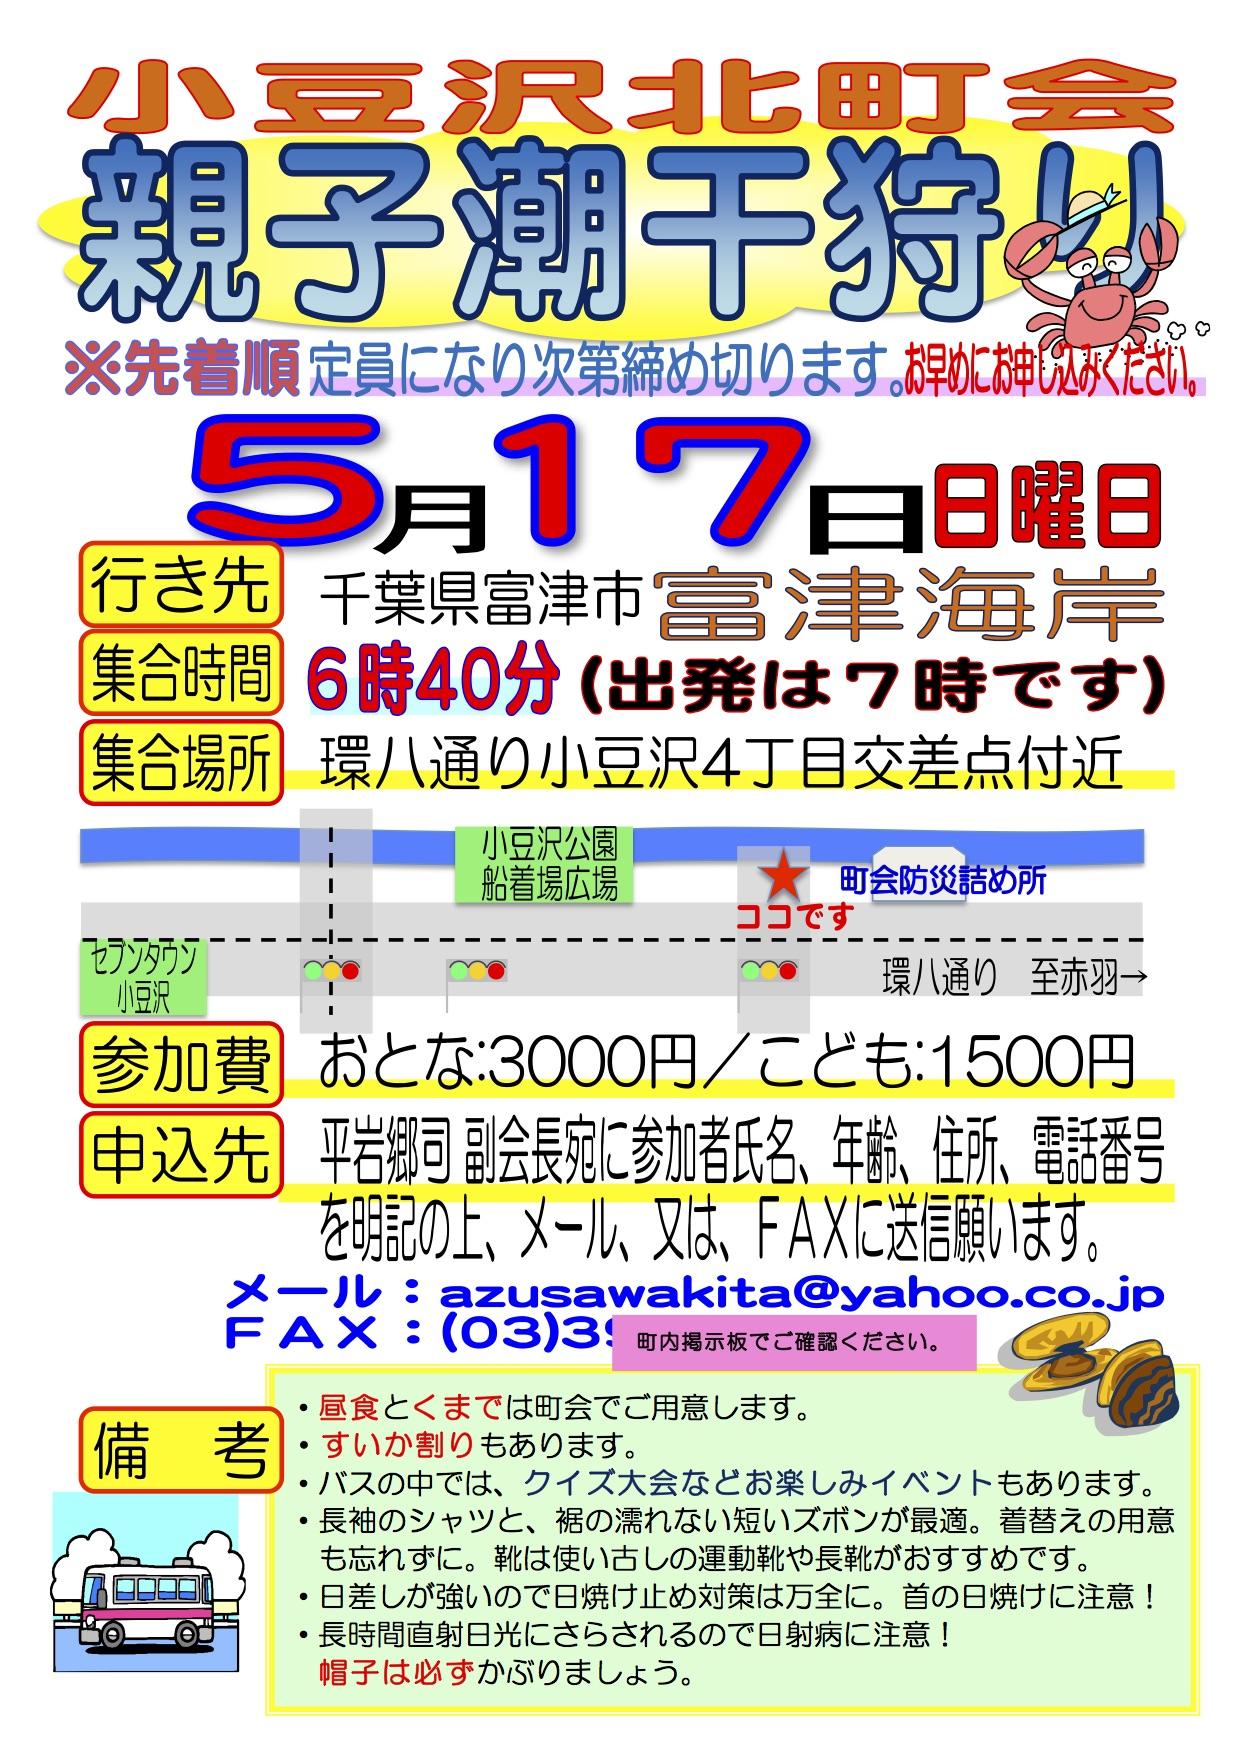 2015年5月17日(日)潮干狩りポスター